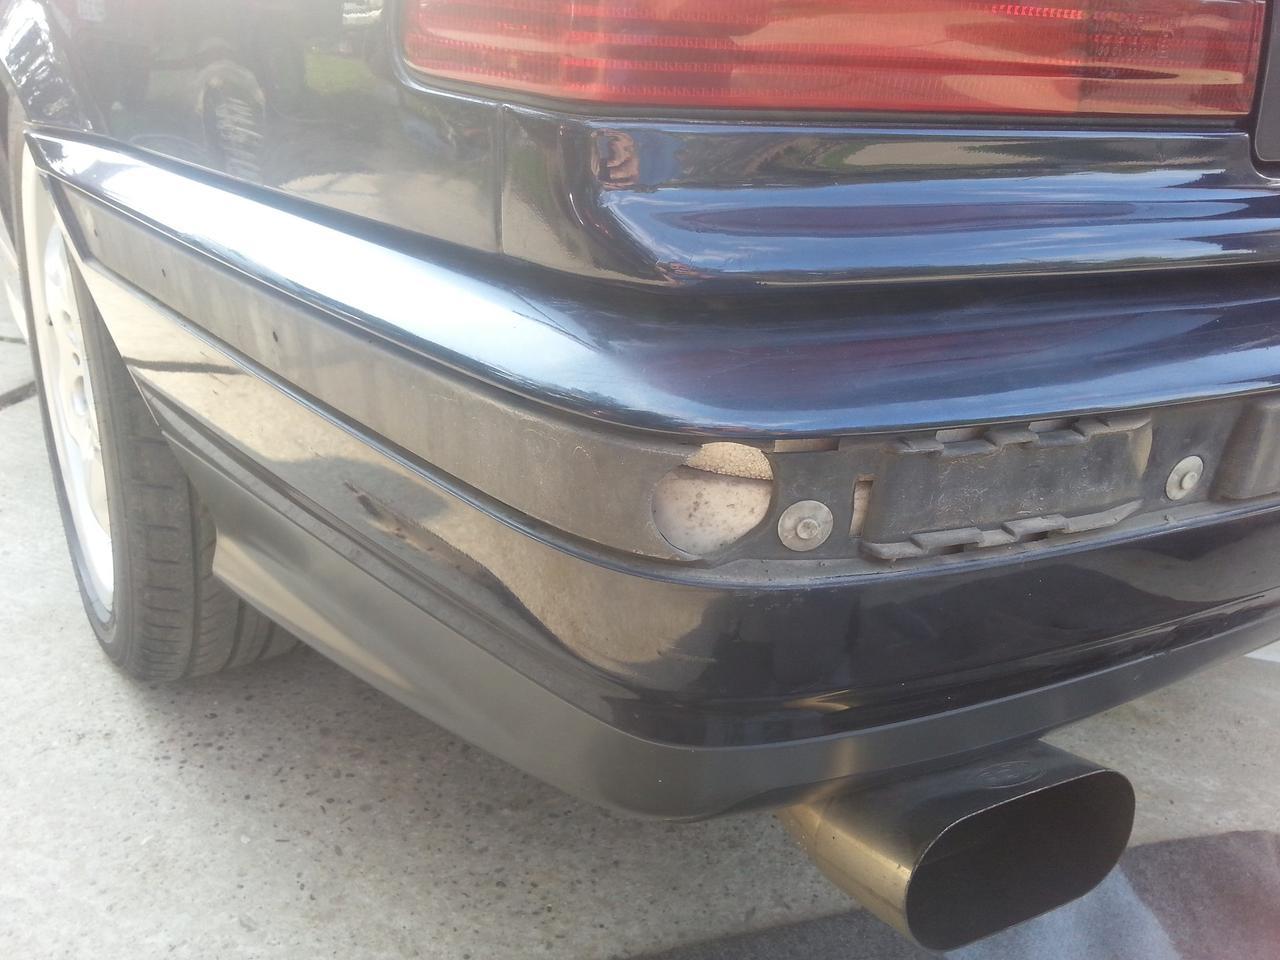 BMW E36 fanatics - Index Fórum af4236477e